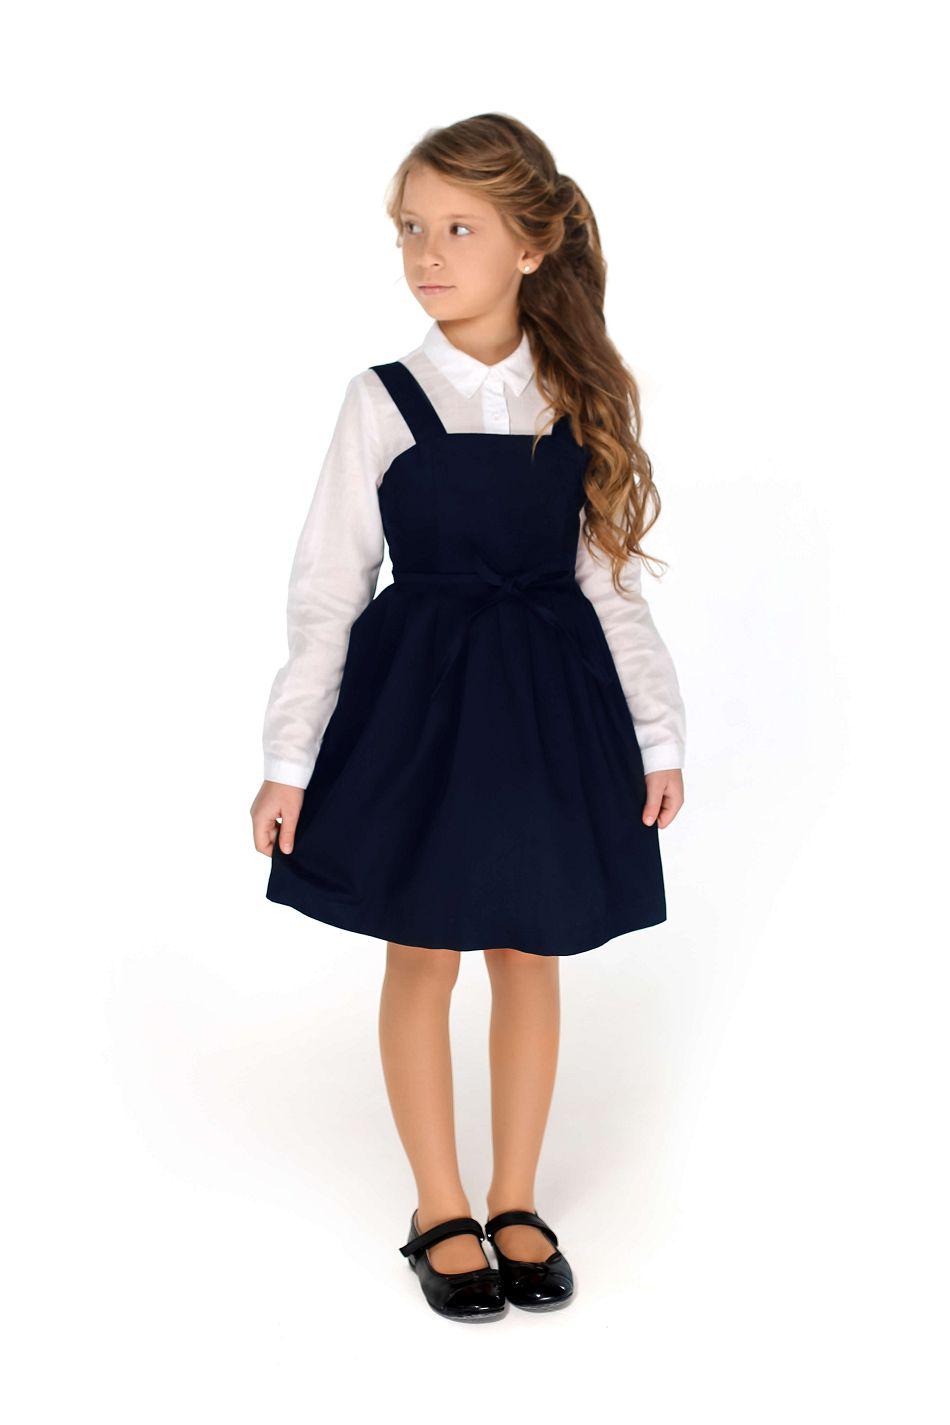 синій шкільний сарафан дівчинці